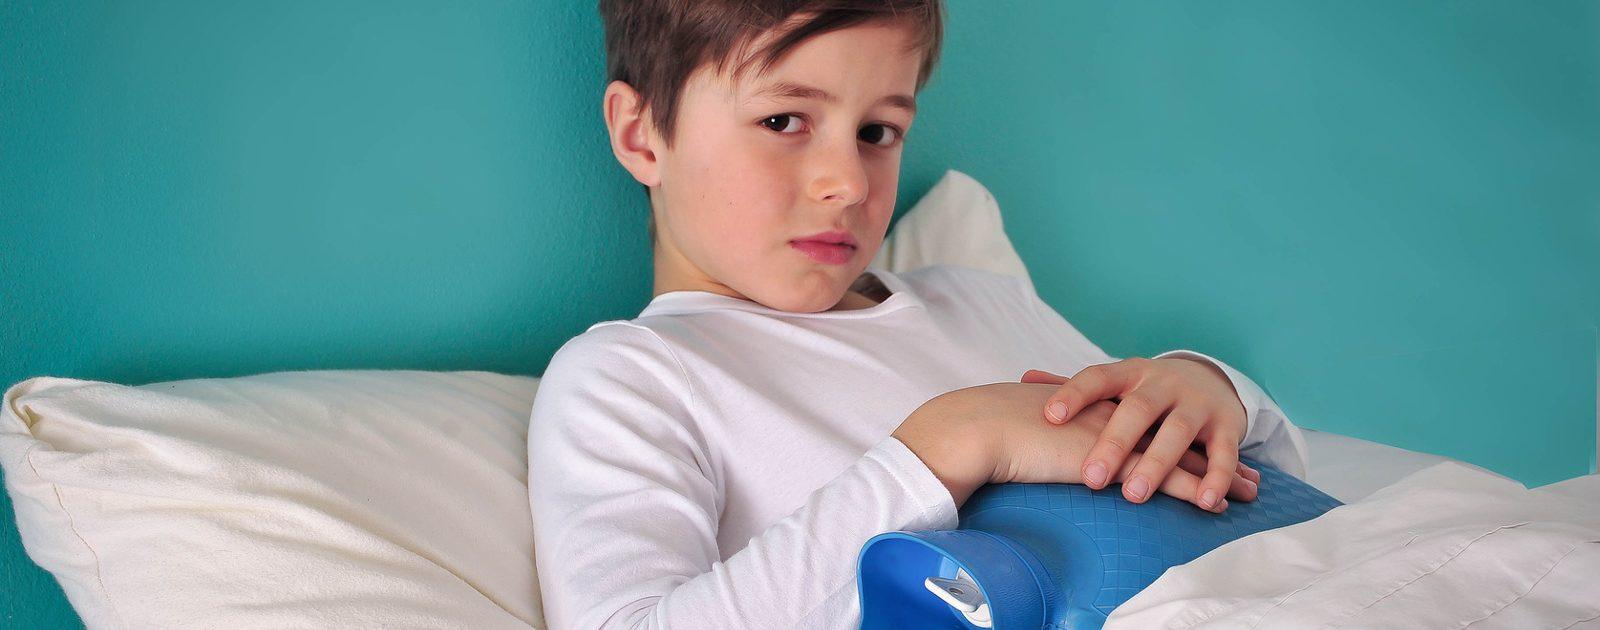 magen darm grippe ohne erbrechen und durchfall